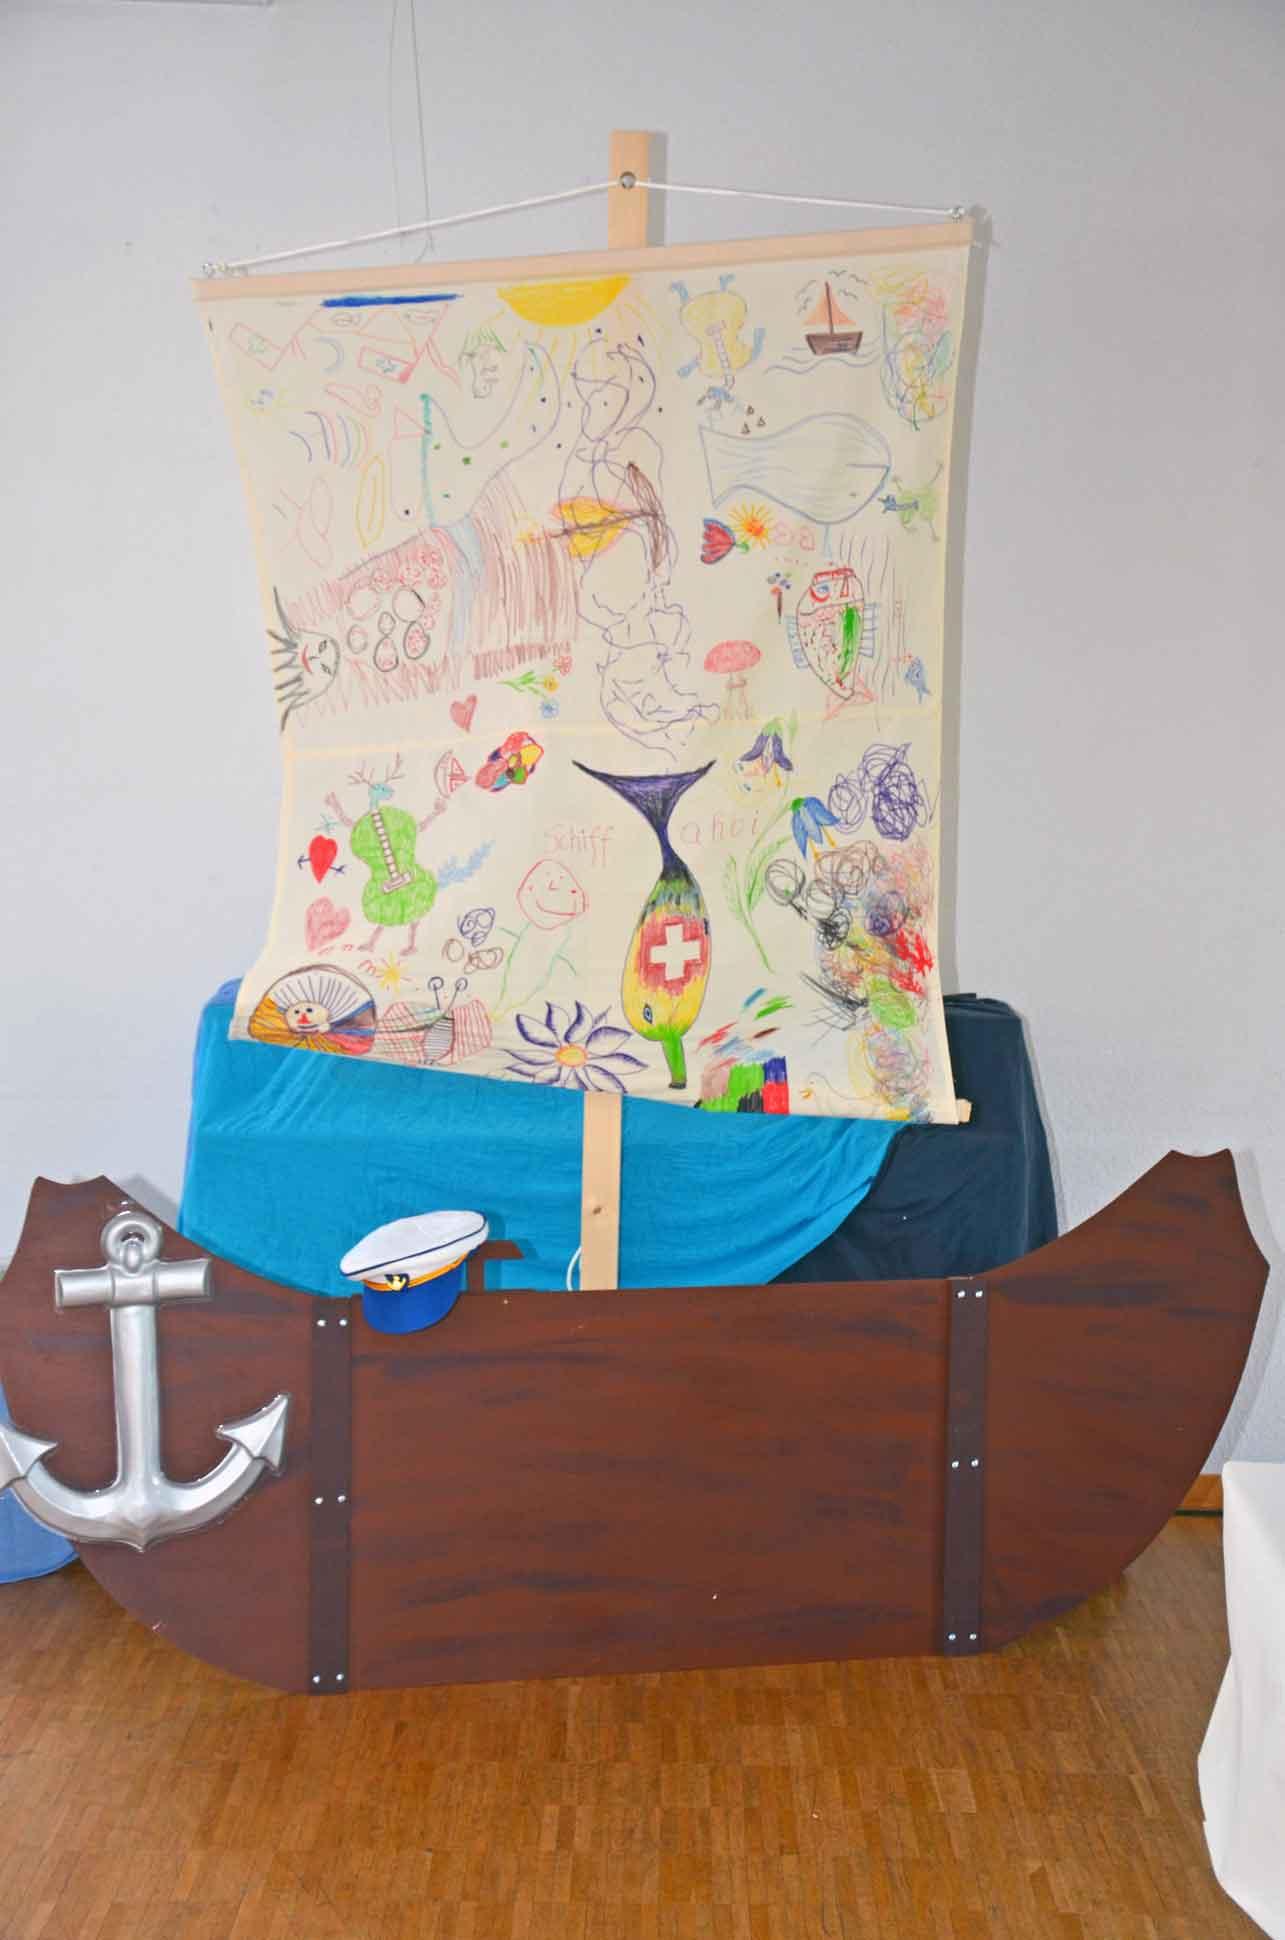 Schiff zu verschenken. | © 2018 Katholische Kirche Luzern